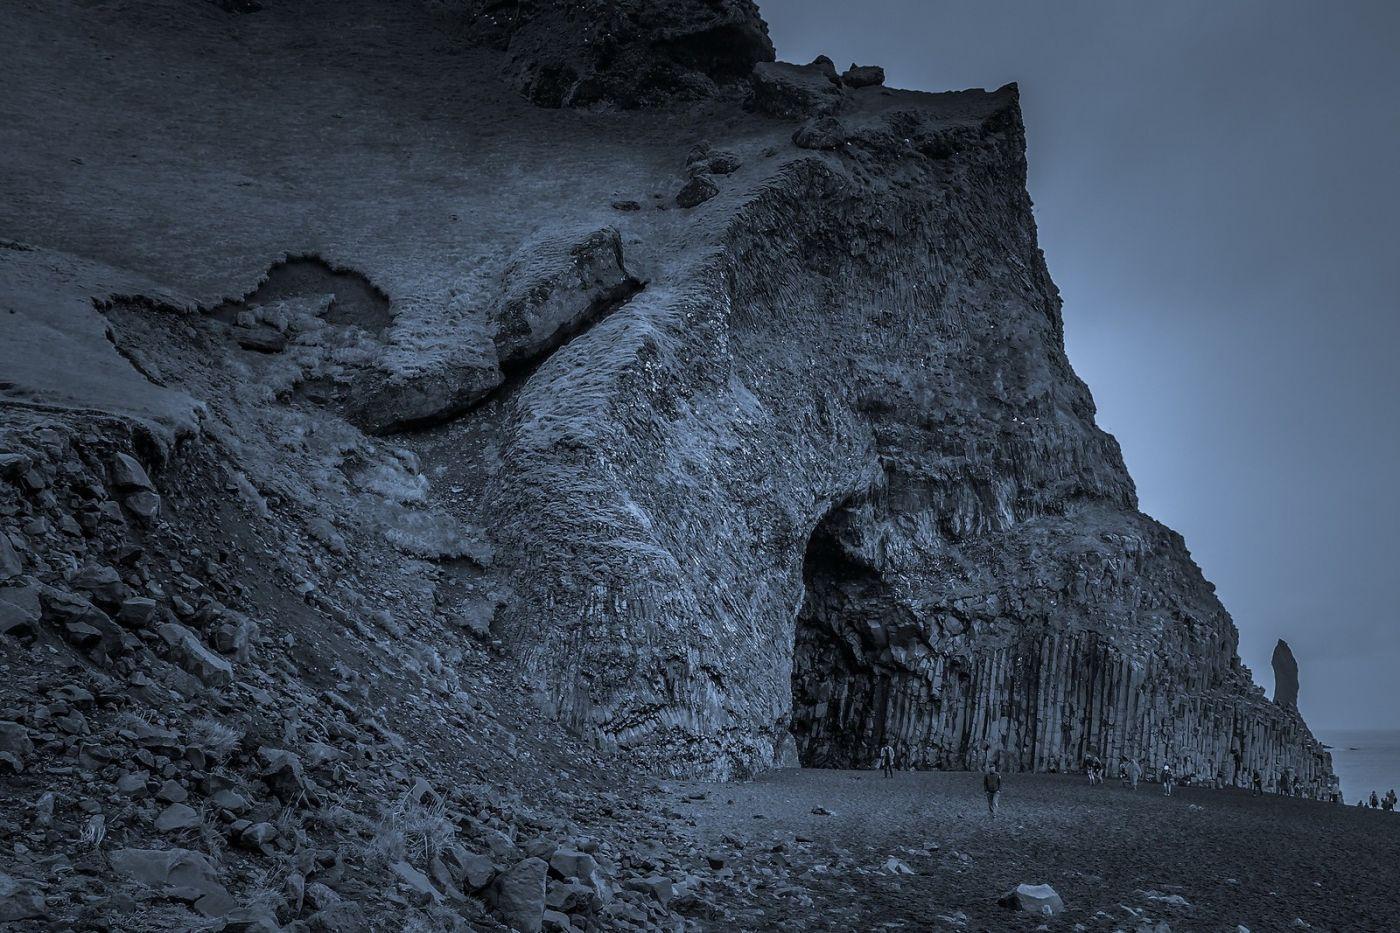 冰岛雷尼斯法加拉黑沙滩(Reynisfjara Black Sand Beach)_图1-27